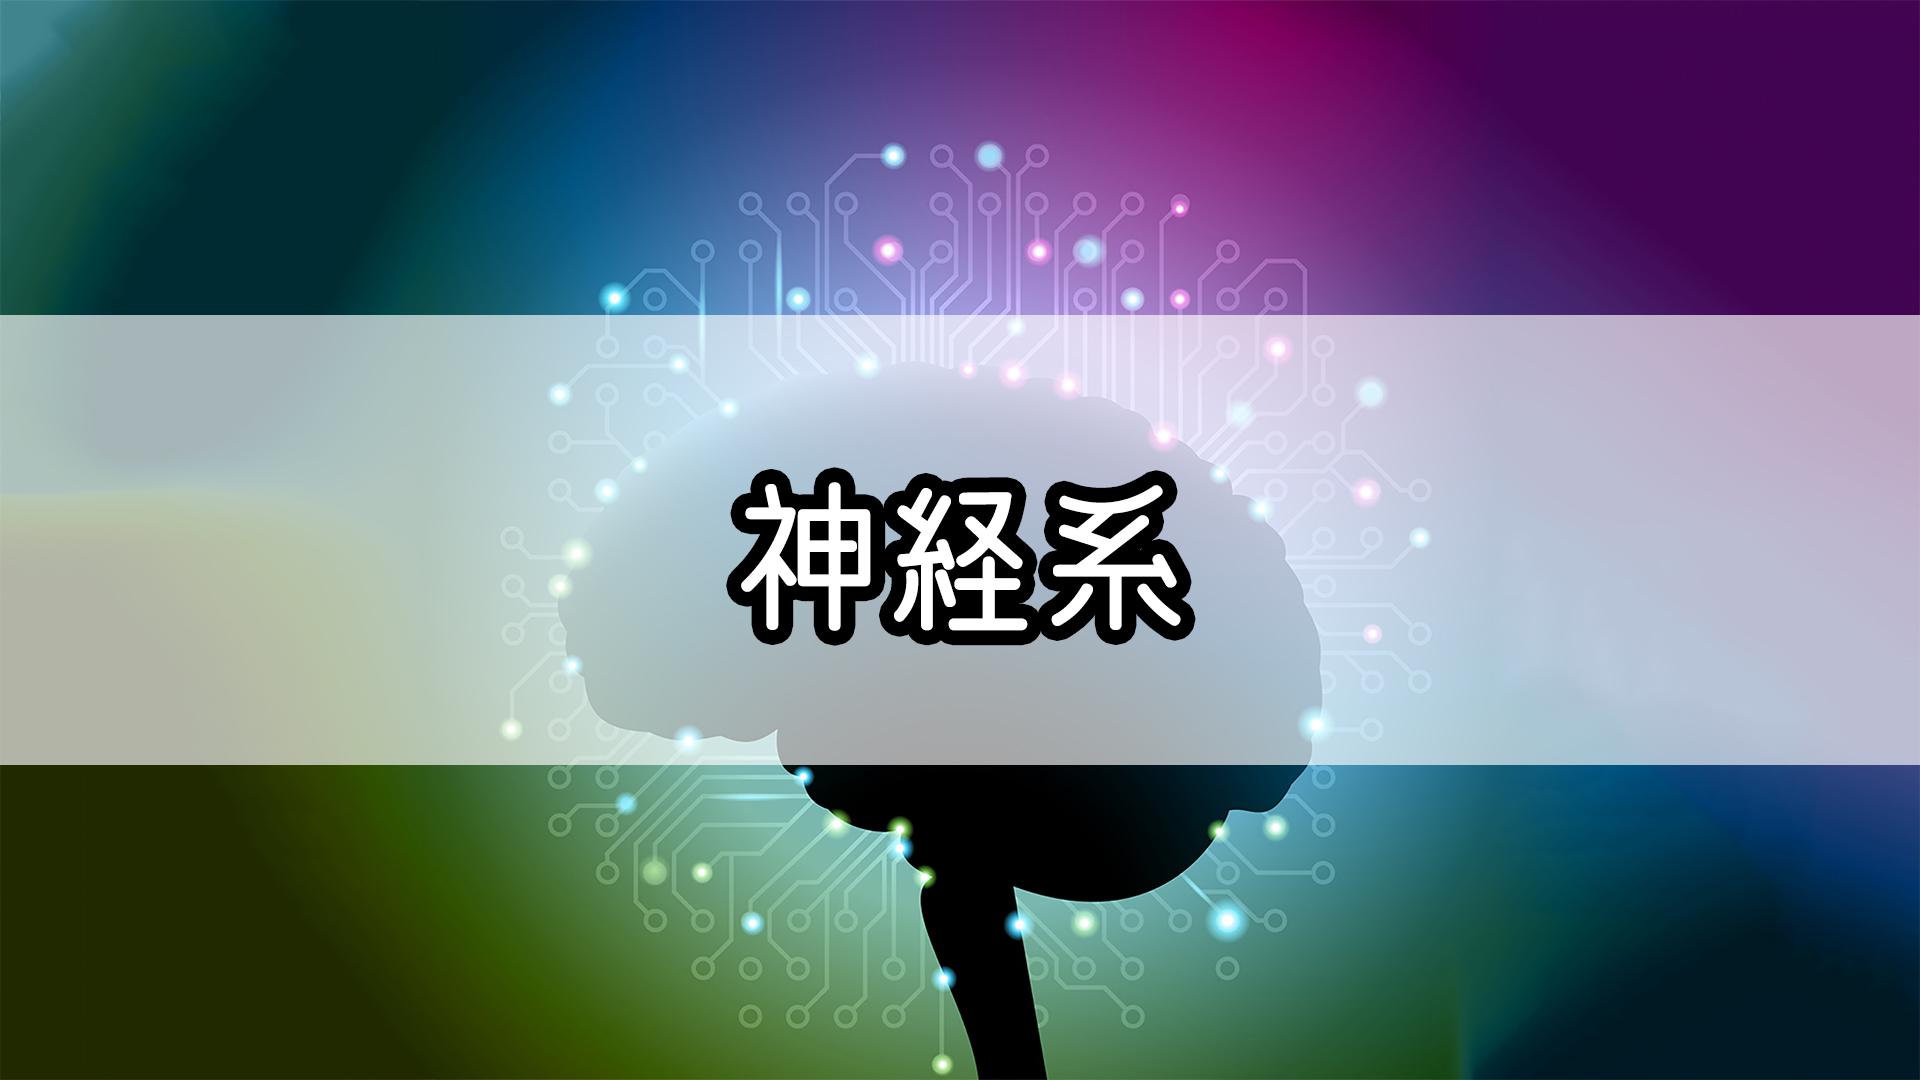 『神経系』のゴロ・覚え方